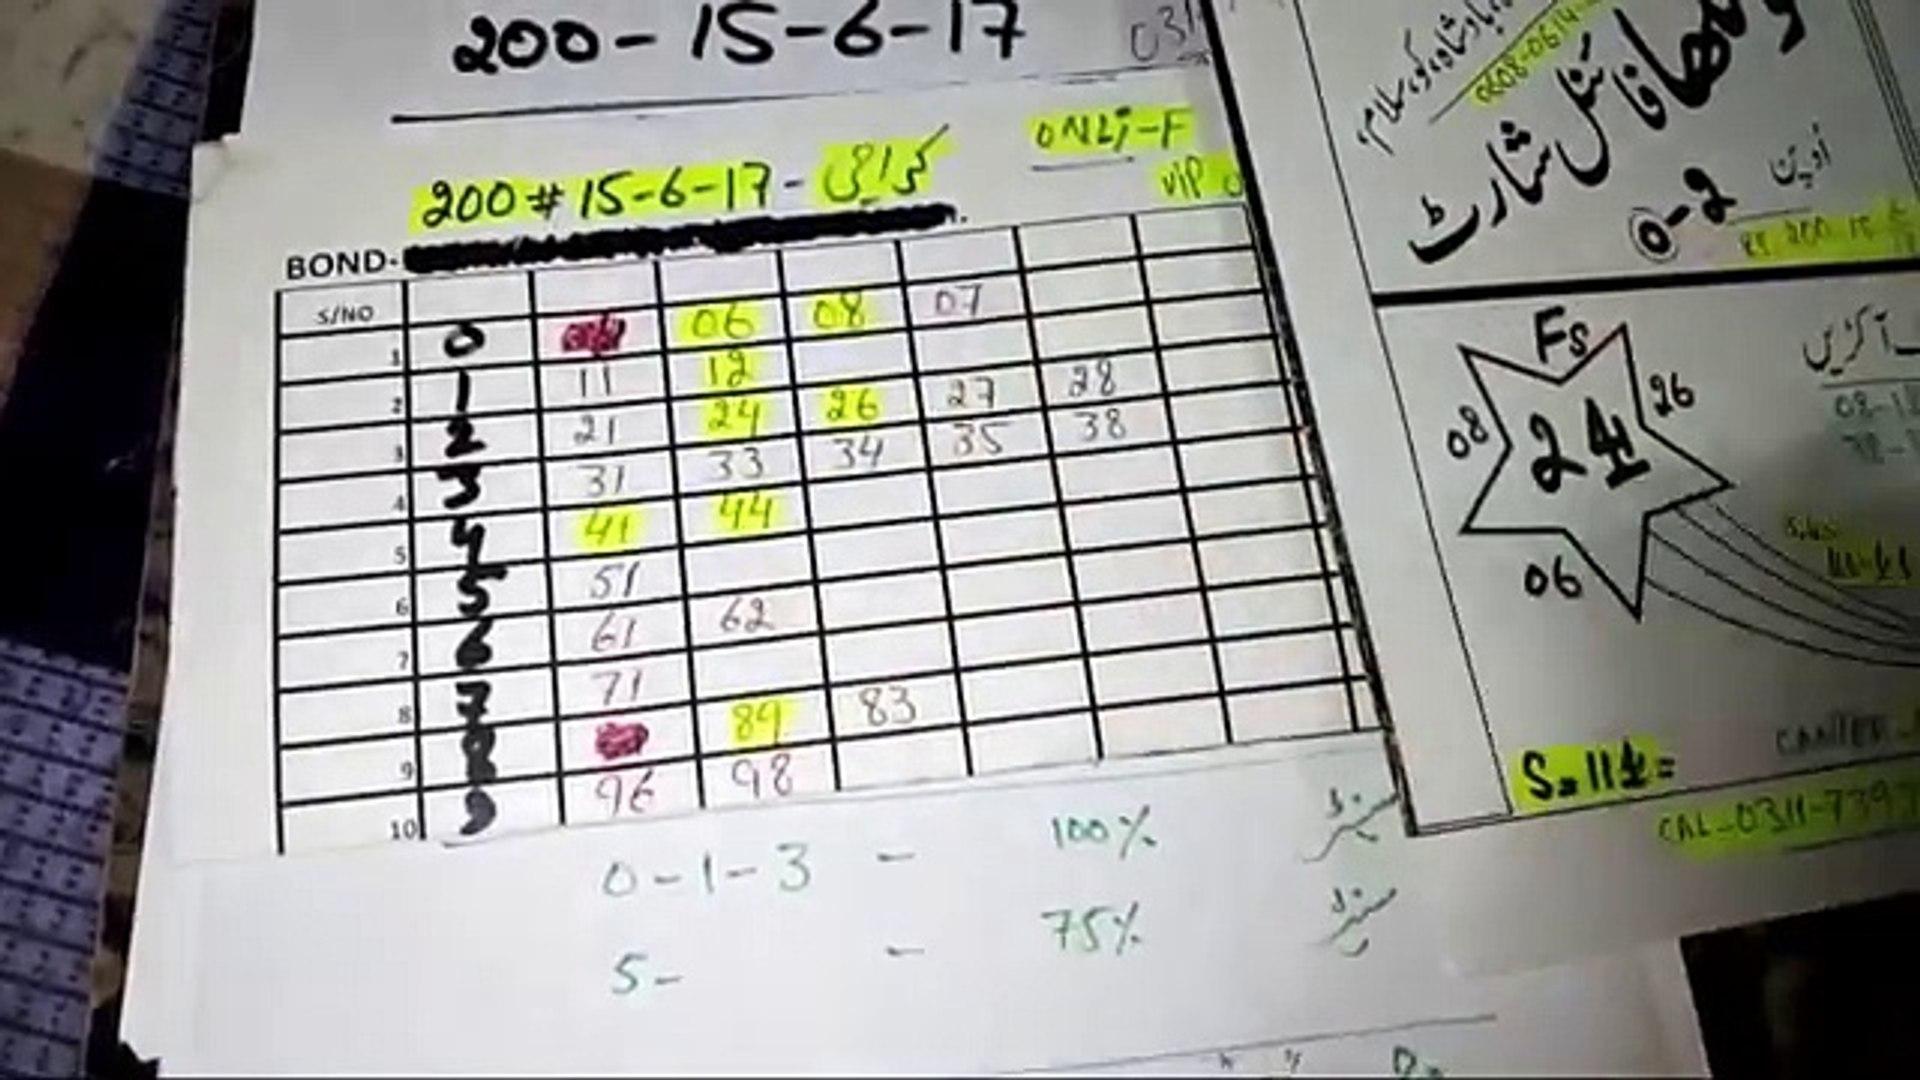 NoLakha Final Short Paper **Final Game** Prize Bond (200) City Karachi by  Prize Bond Guess Guru